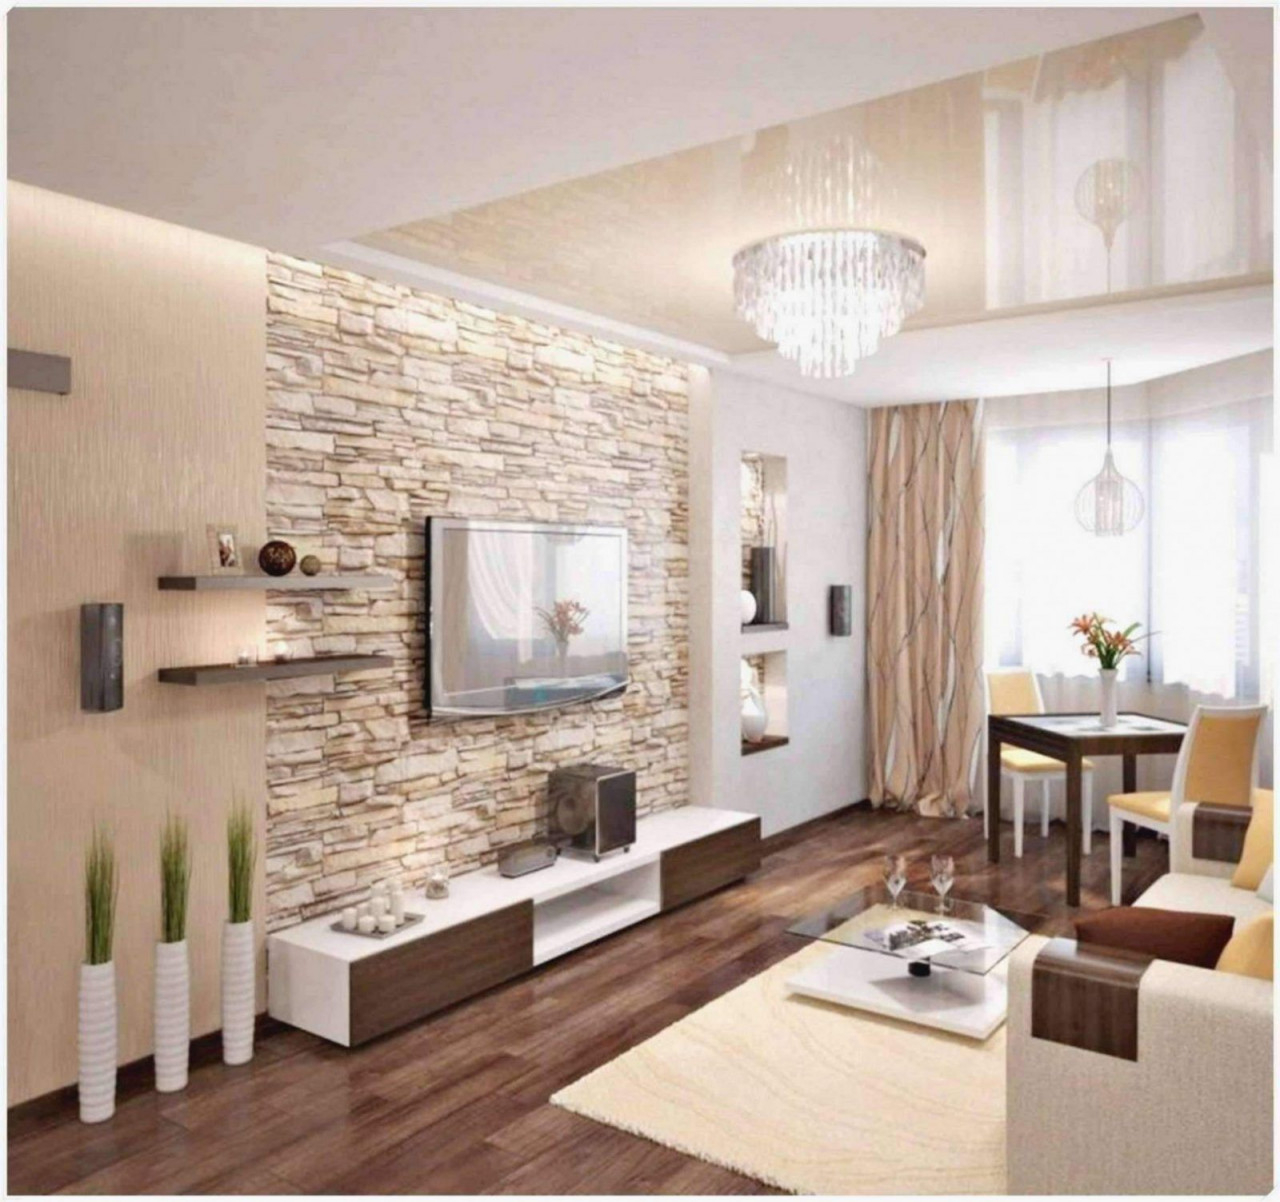 Beste Wohnzimmer Deko Wand Ideen von Deko Wand Wohnzimmer Photo